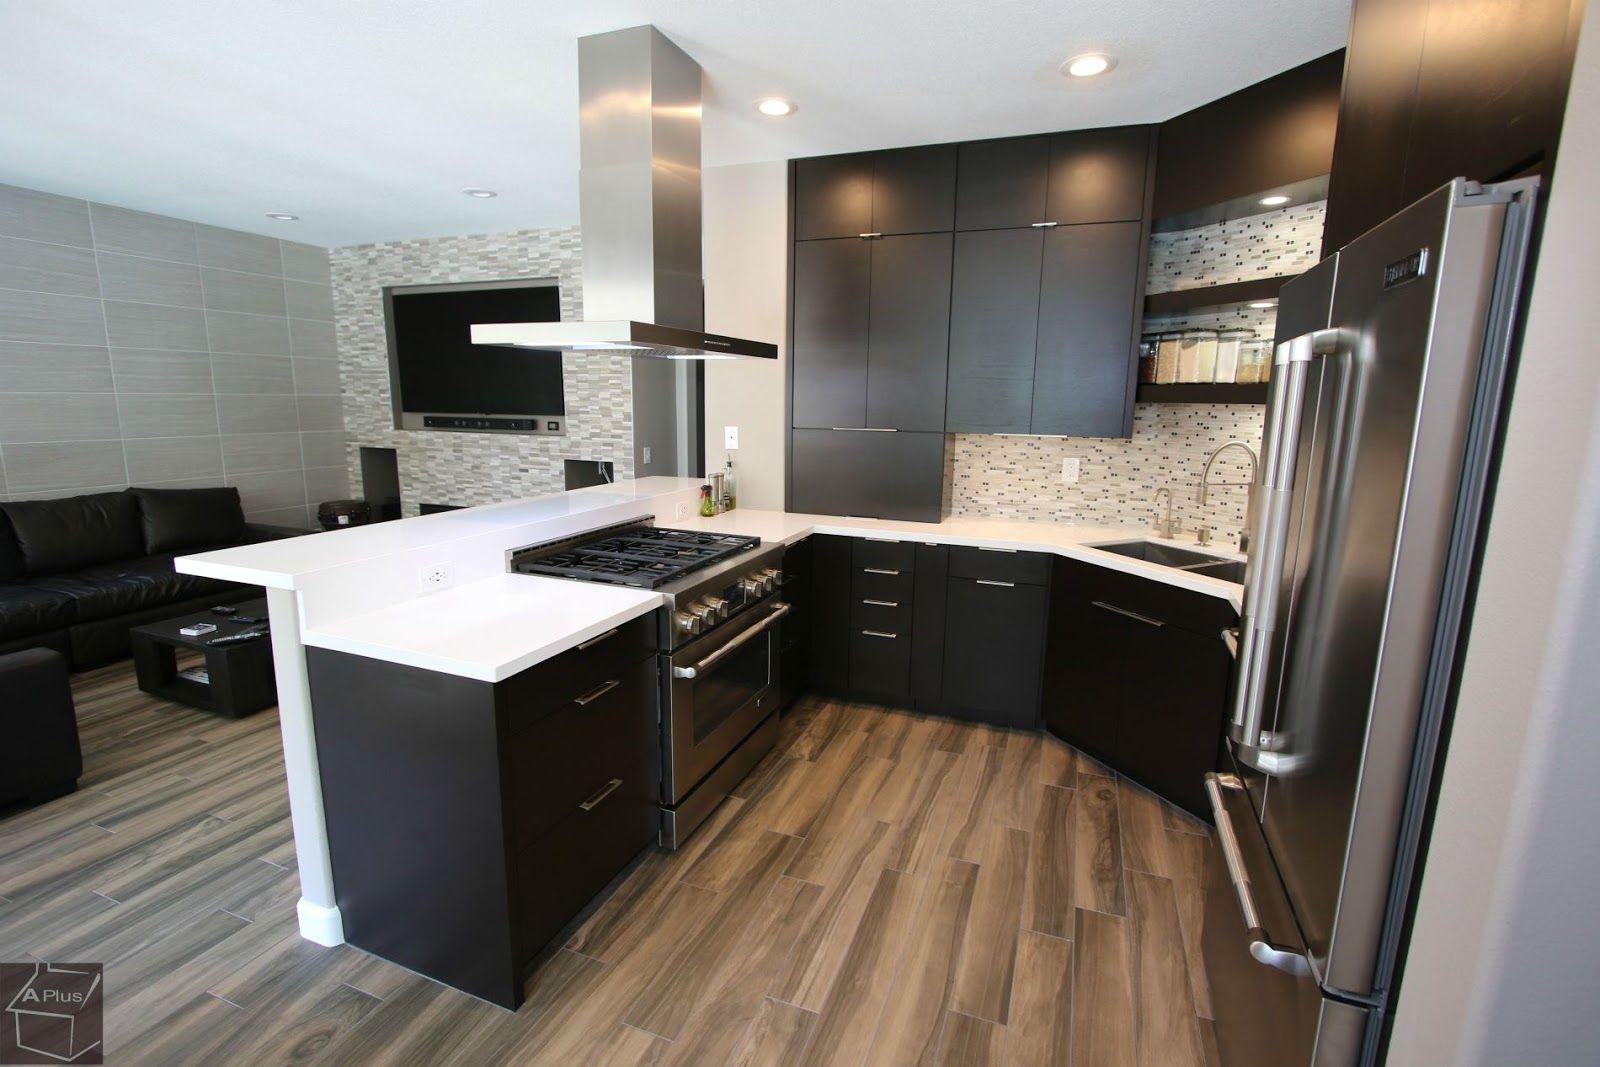 Kitchen Designer Orange County Stunning Design Build Modern Kitchen Remodel In Chino Hills  124  Dove Design Ideas